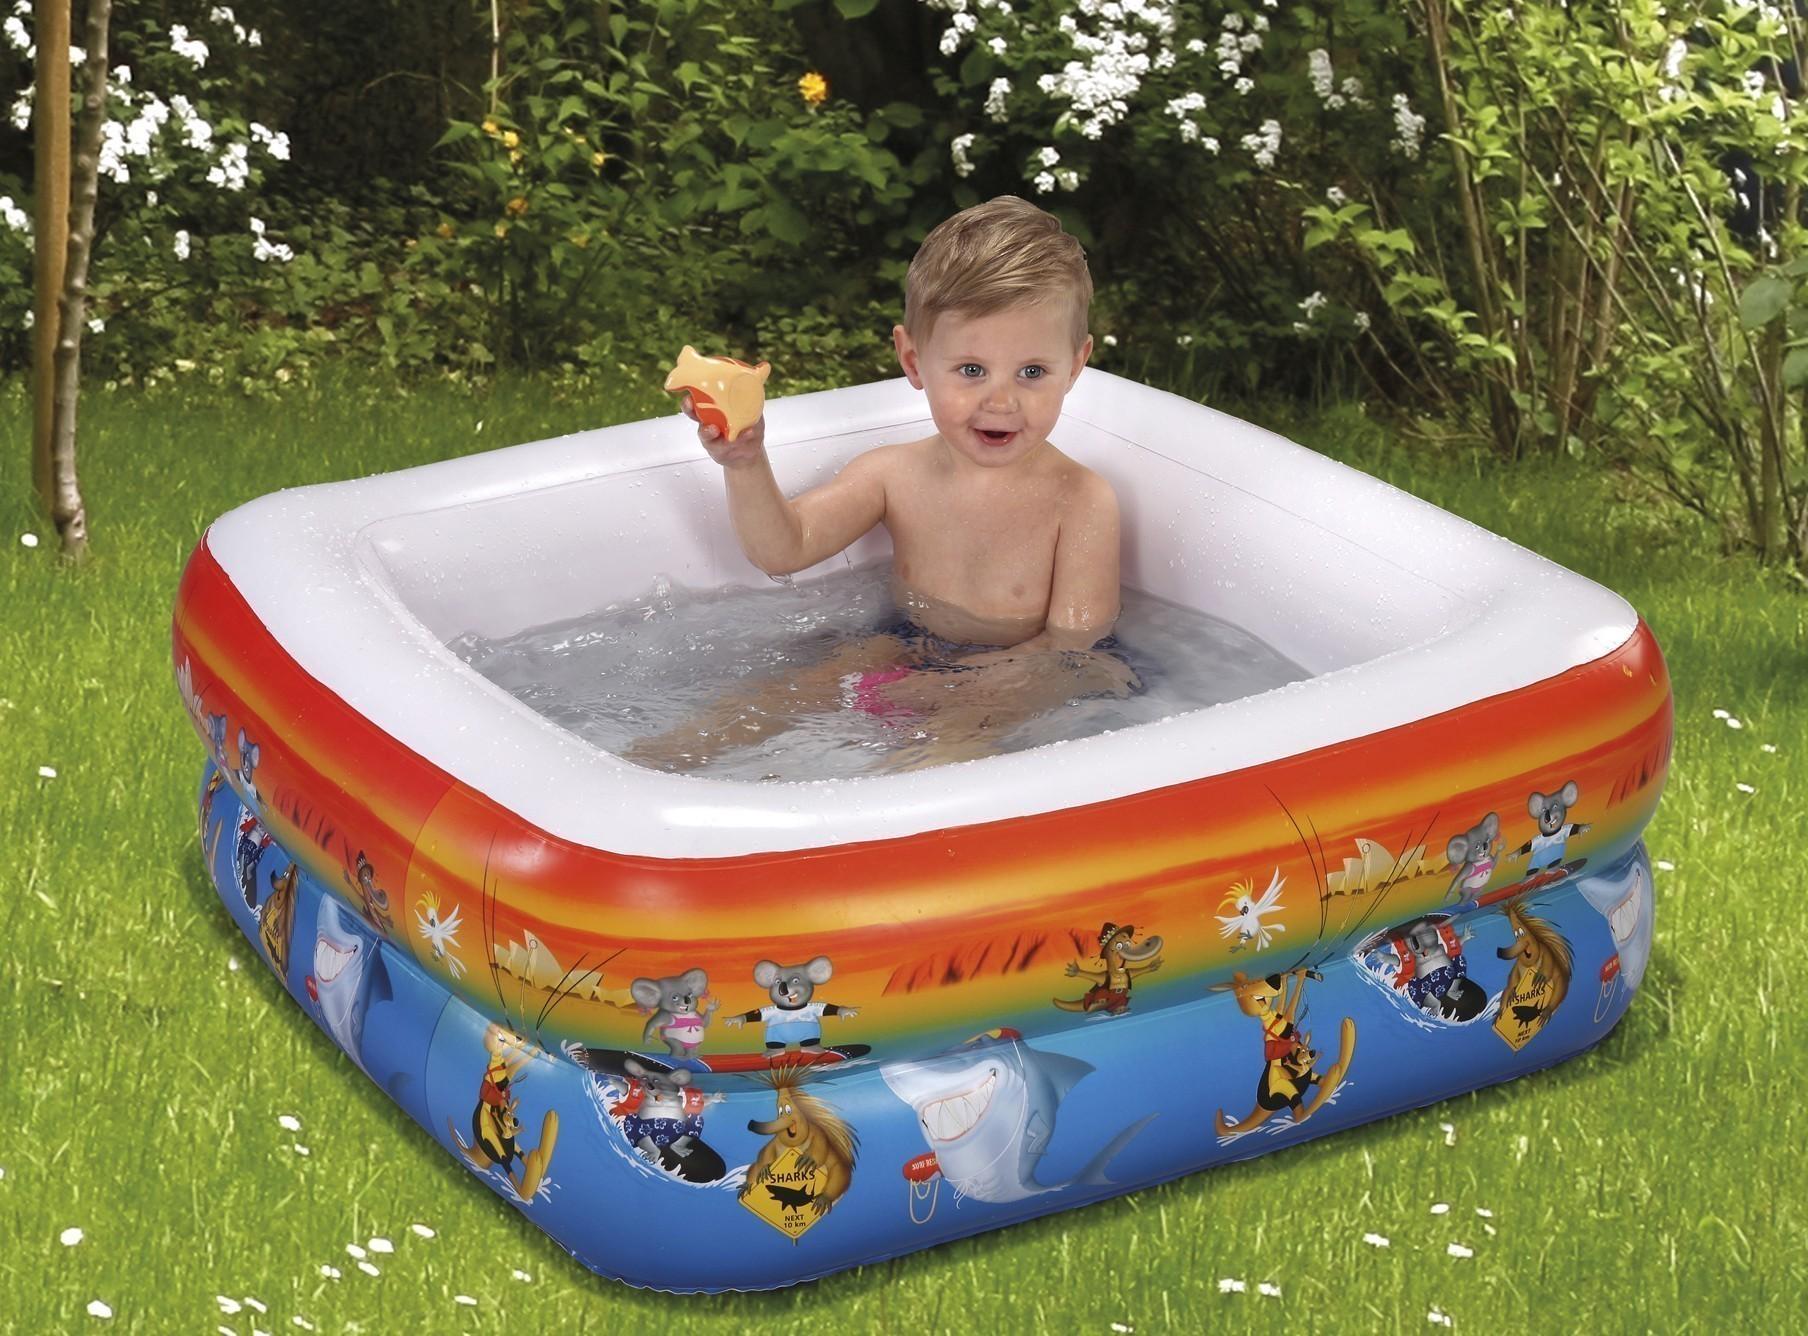 planschbecken baby pool wehncke down under f r duschwanne 85x85cm bei. Black Bedroom Furniture Sets. Home Design Ideas